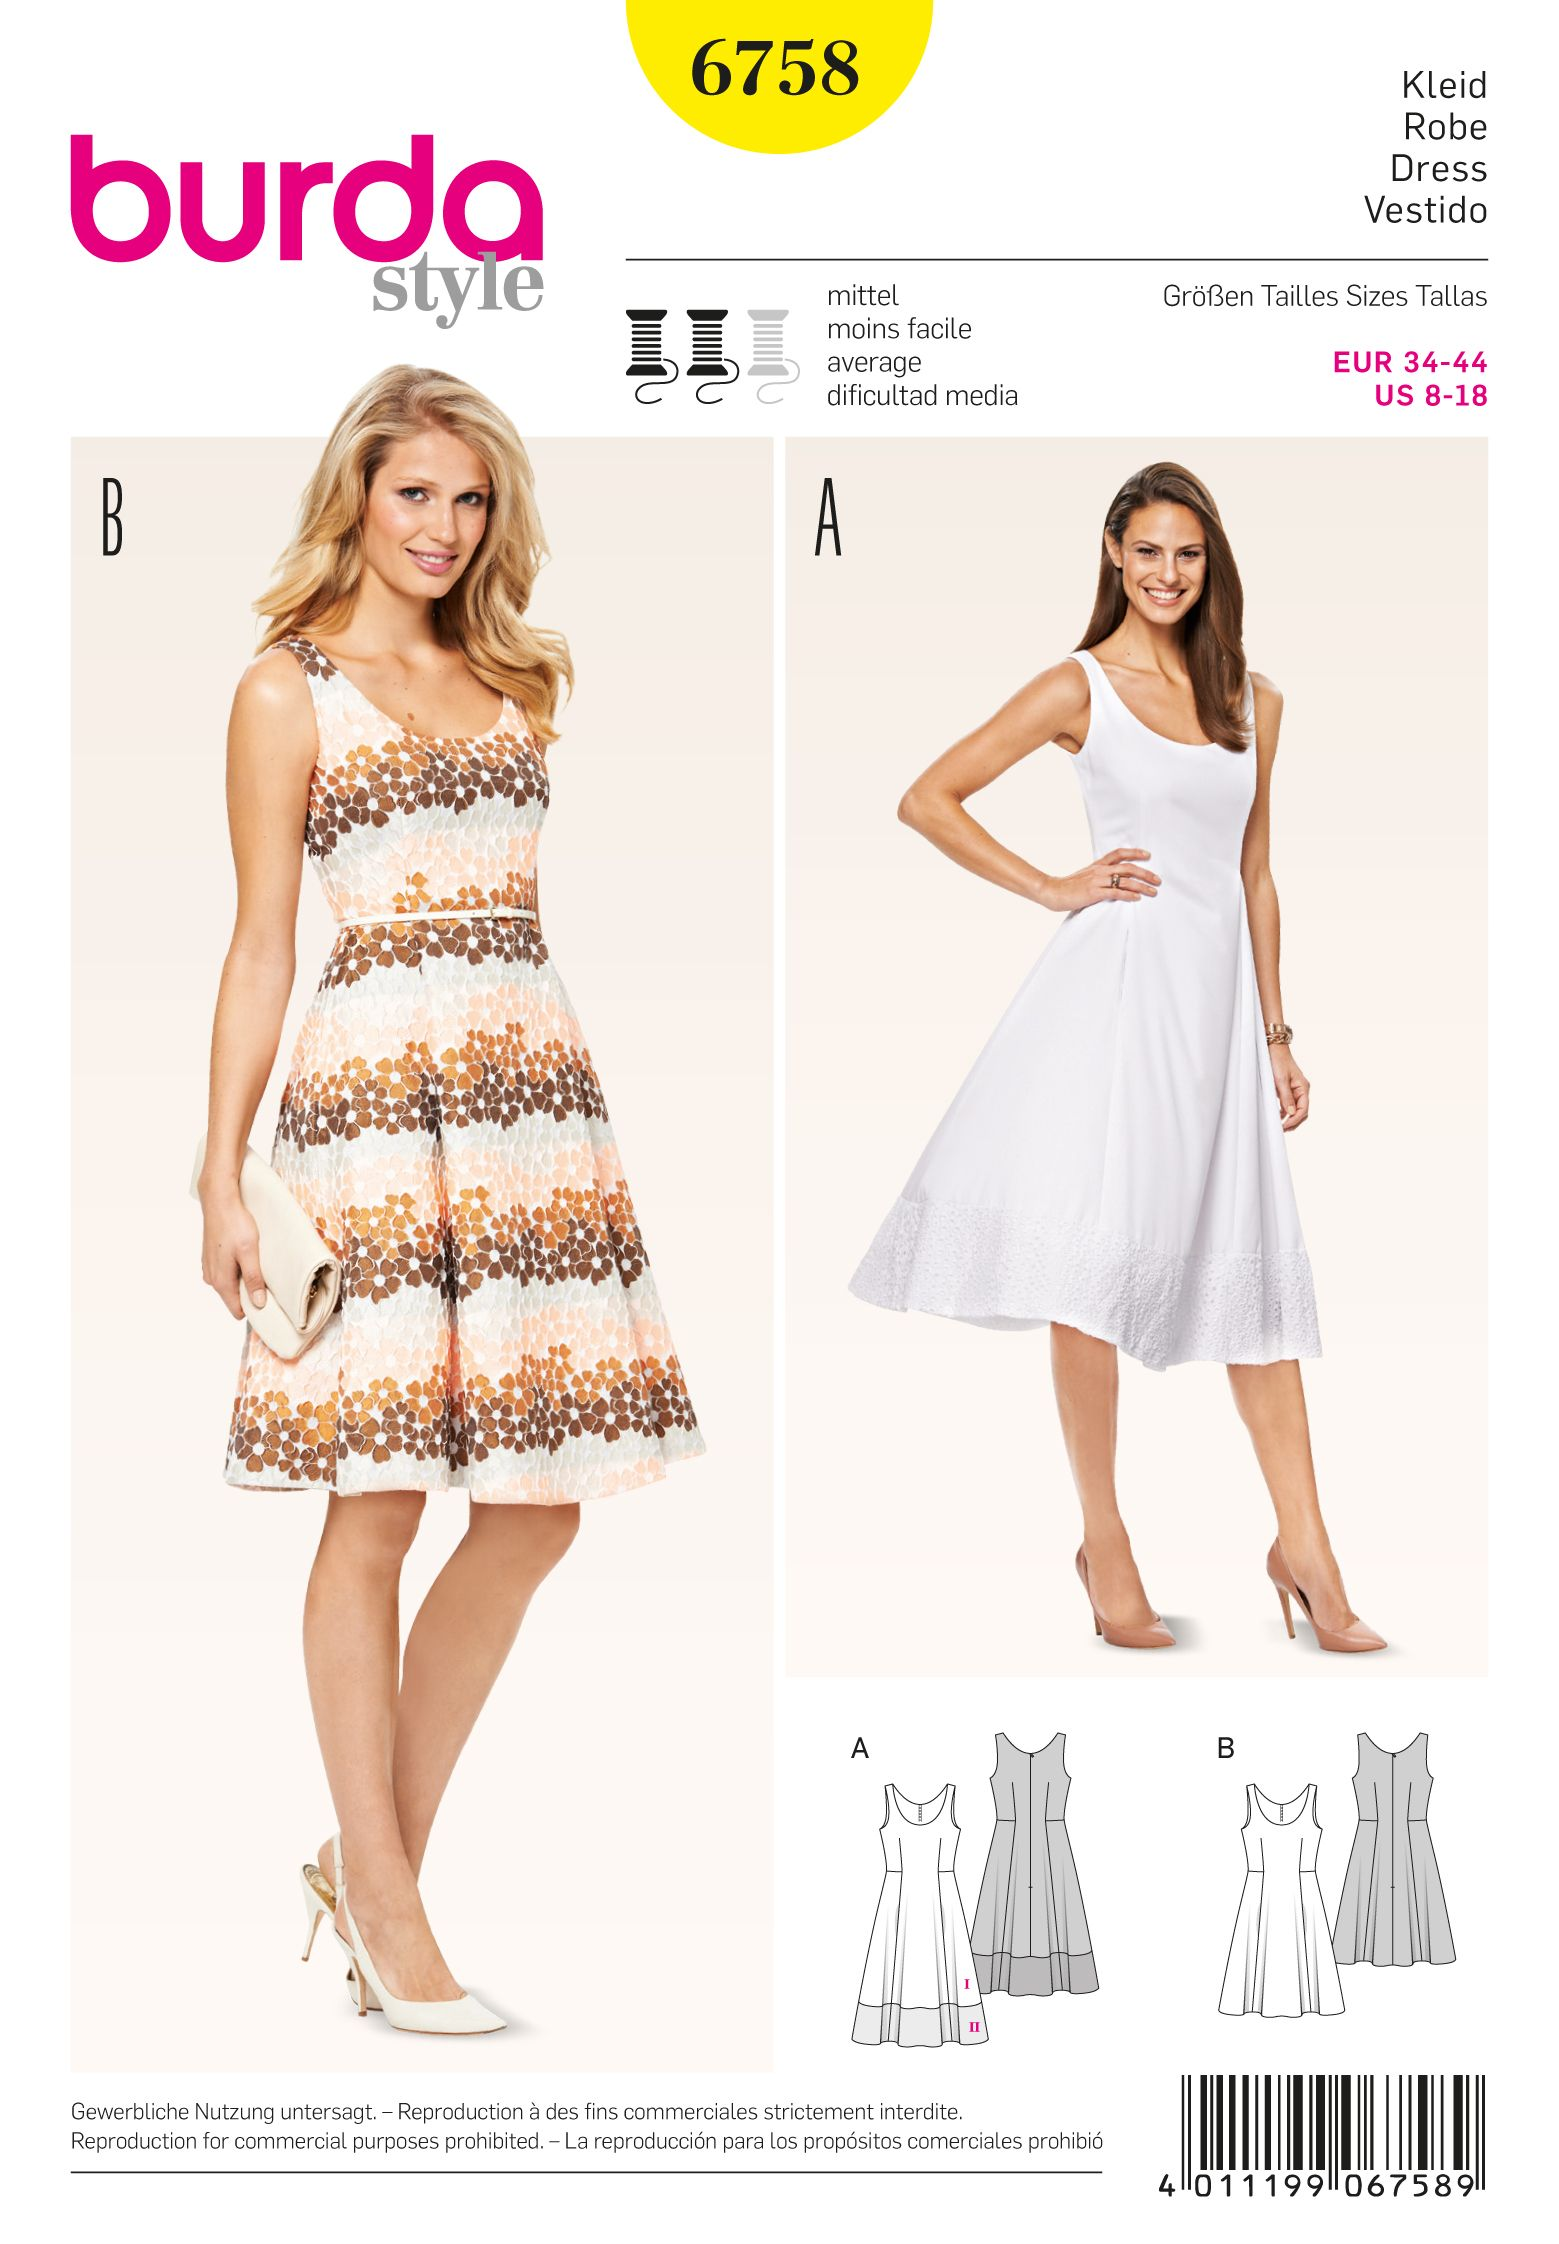 Burda 6758 Burda Style Dresses